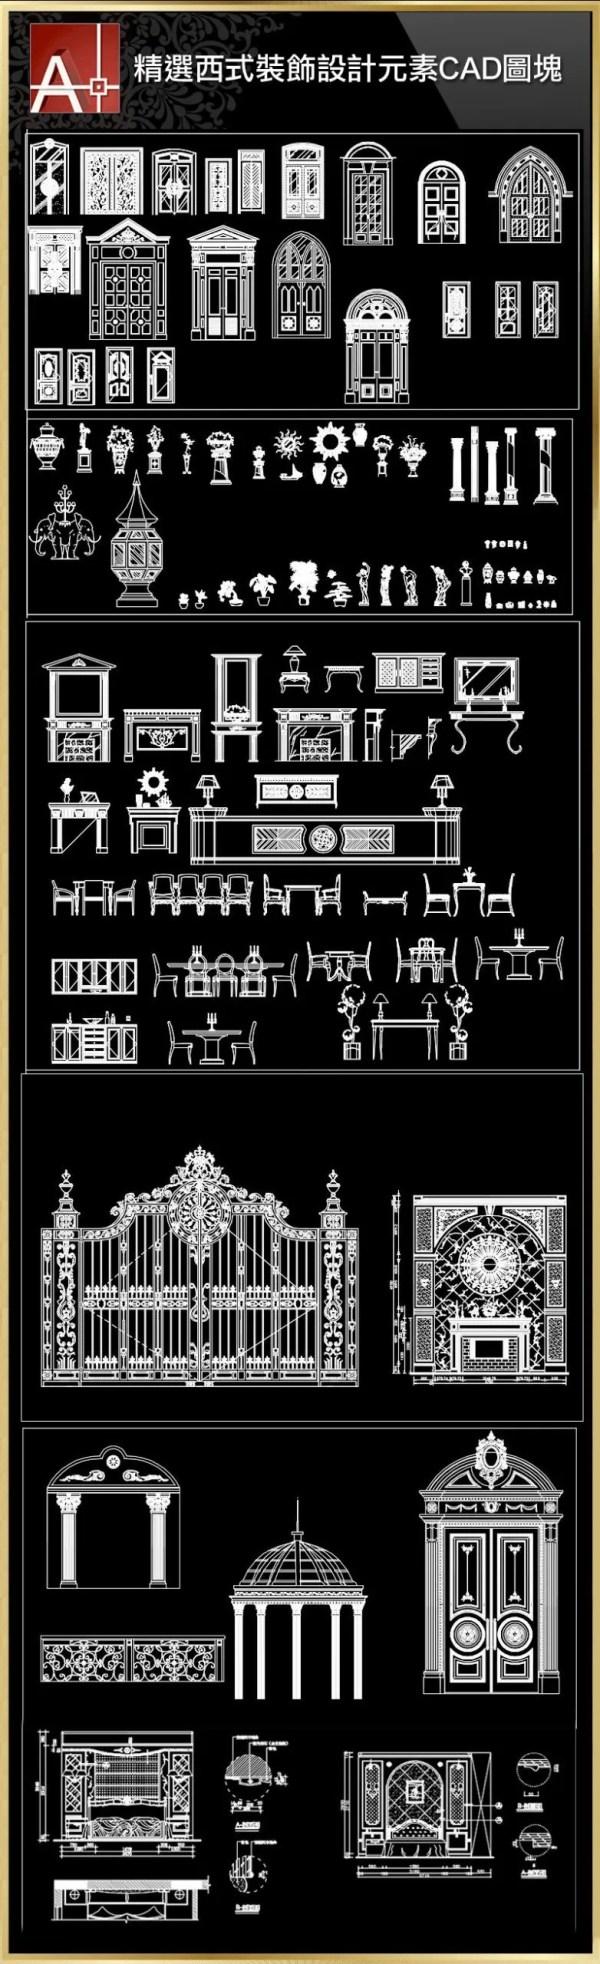 古典裝飾, 噴泉剖立面, 壁爐, 壁畫, 多力克柱式, 尖肋拱頂, 希臘建築, 愛奧尼克柱式, 拱券, 拱門, 拱頂, 掛鏡線, 新古典建築室內設計裝飾構件, 梁托, 歐式建築, 歐式花園造景, 歐式裝飾元件, 水池, 牆面裝飾線條, 科林斯柱式, 穹頂, 窗, 線板, 羅馬柱, 腰線, 花台, 花盆詳圖, 藻井, 護牆板, 門, 門洞, 雕塑, 頂部燈盤, 飾角